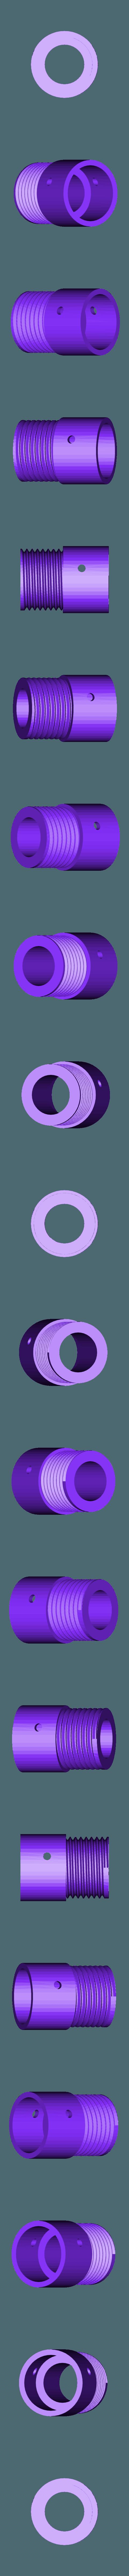 interfaceV2.STL Télécharger fichier STL gratuit Adaptateur balai • Design pour impression 3D, tart0uille